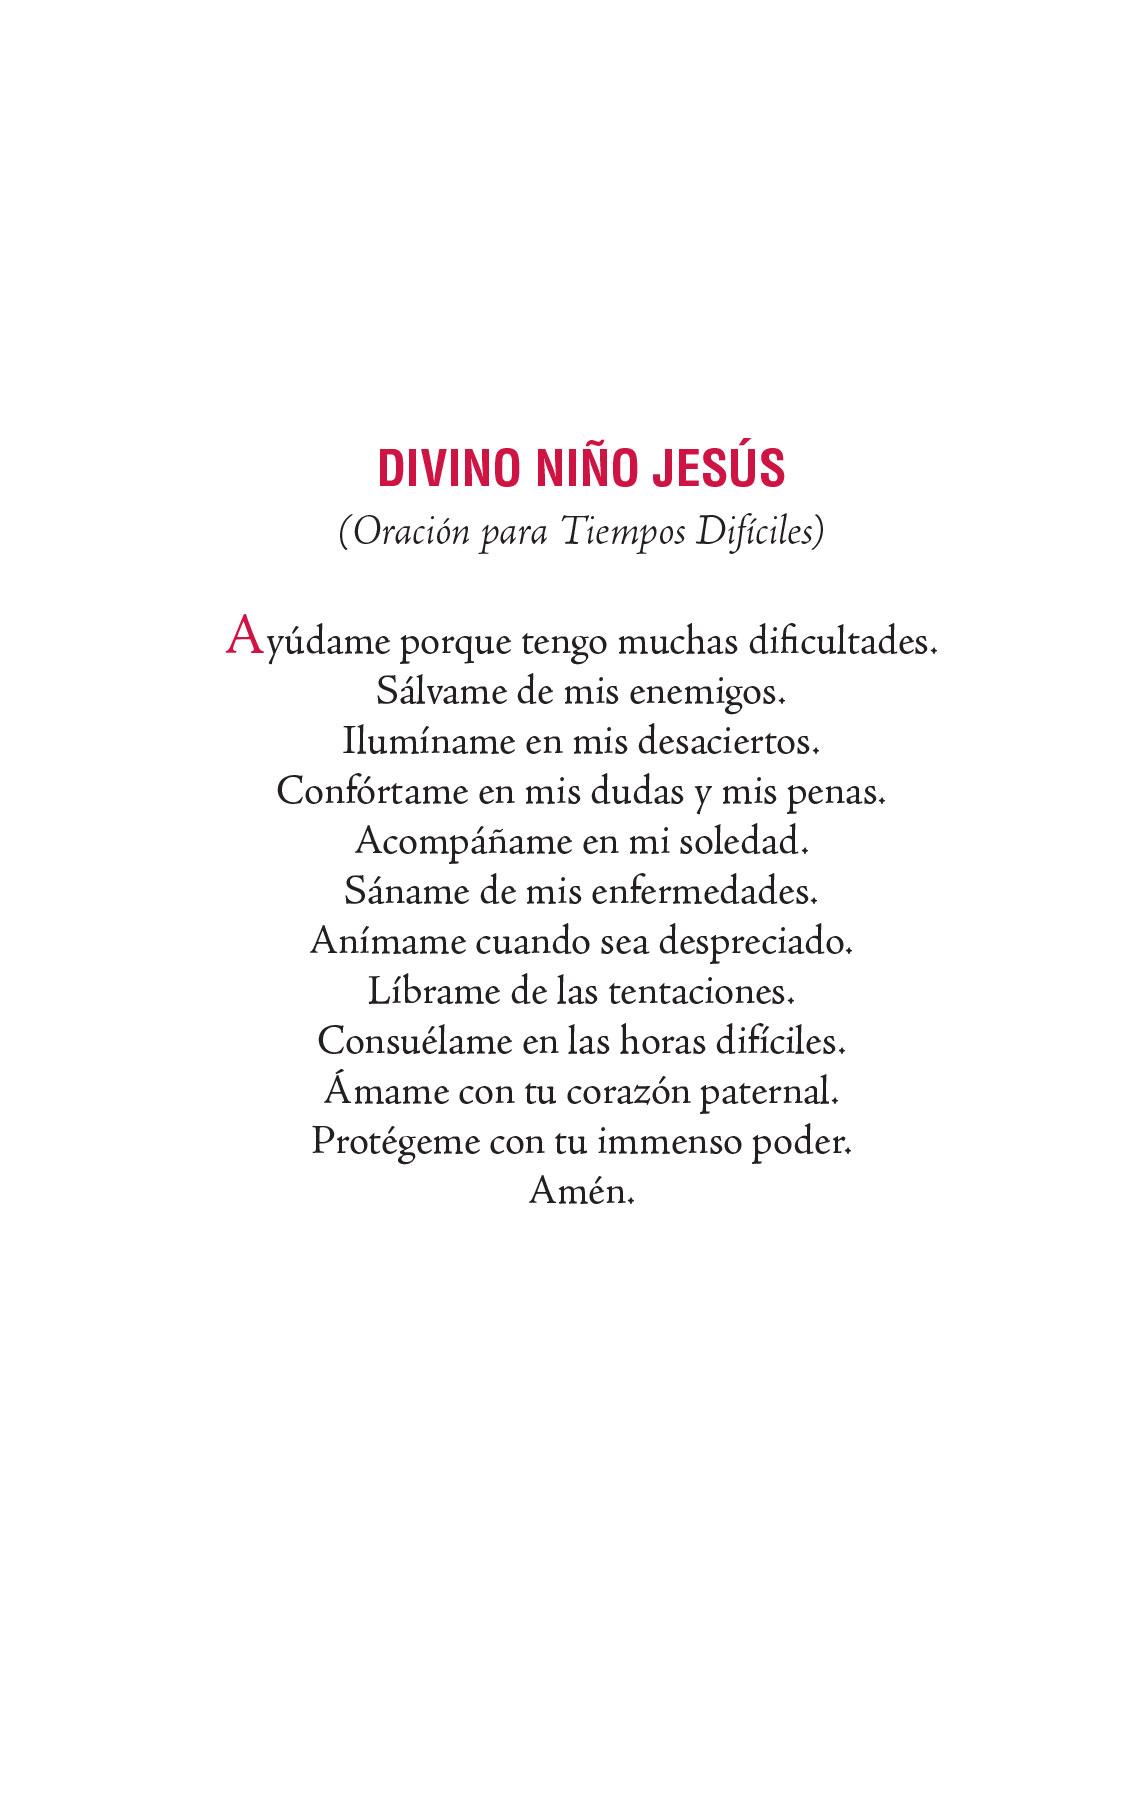 Divino Niño Jesús - Oración para tiempos difíciles